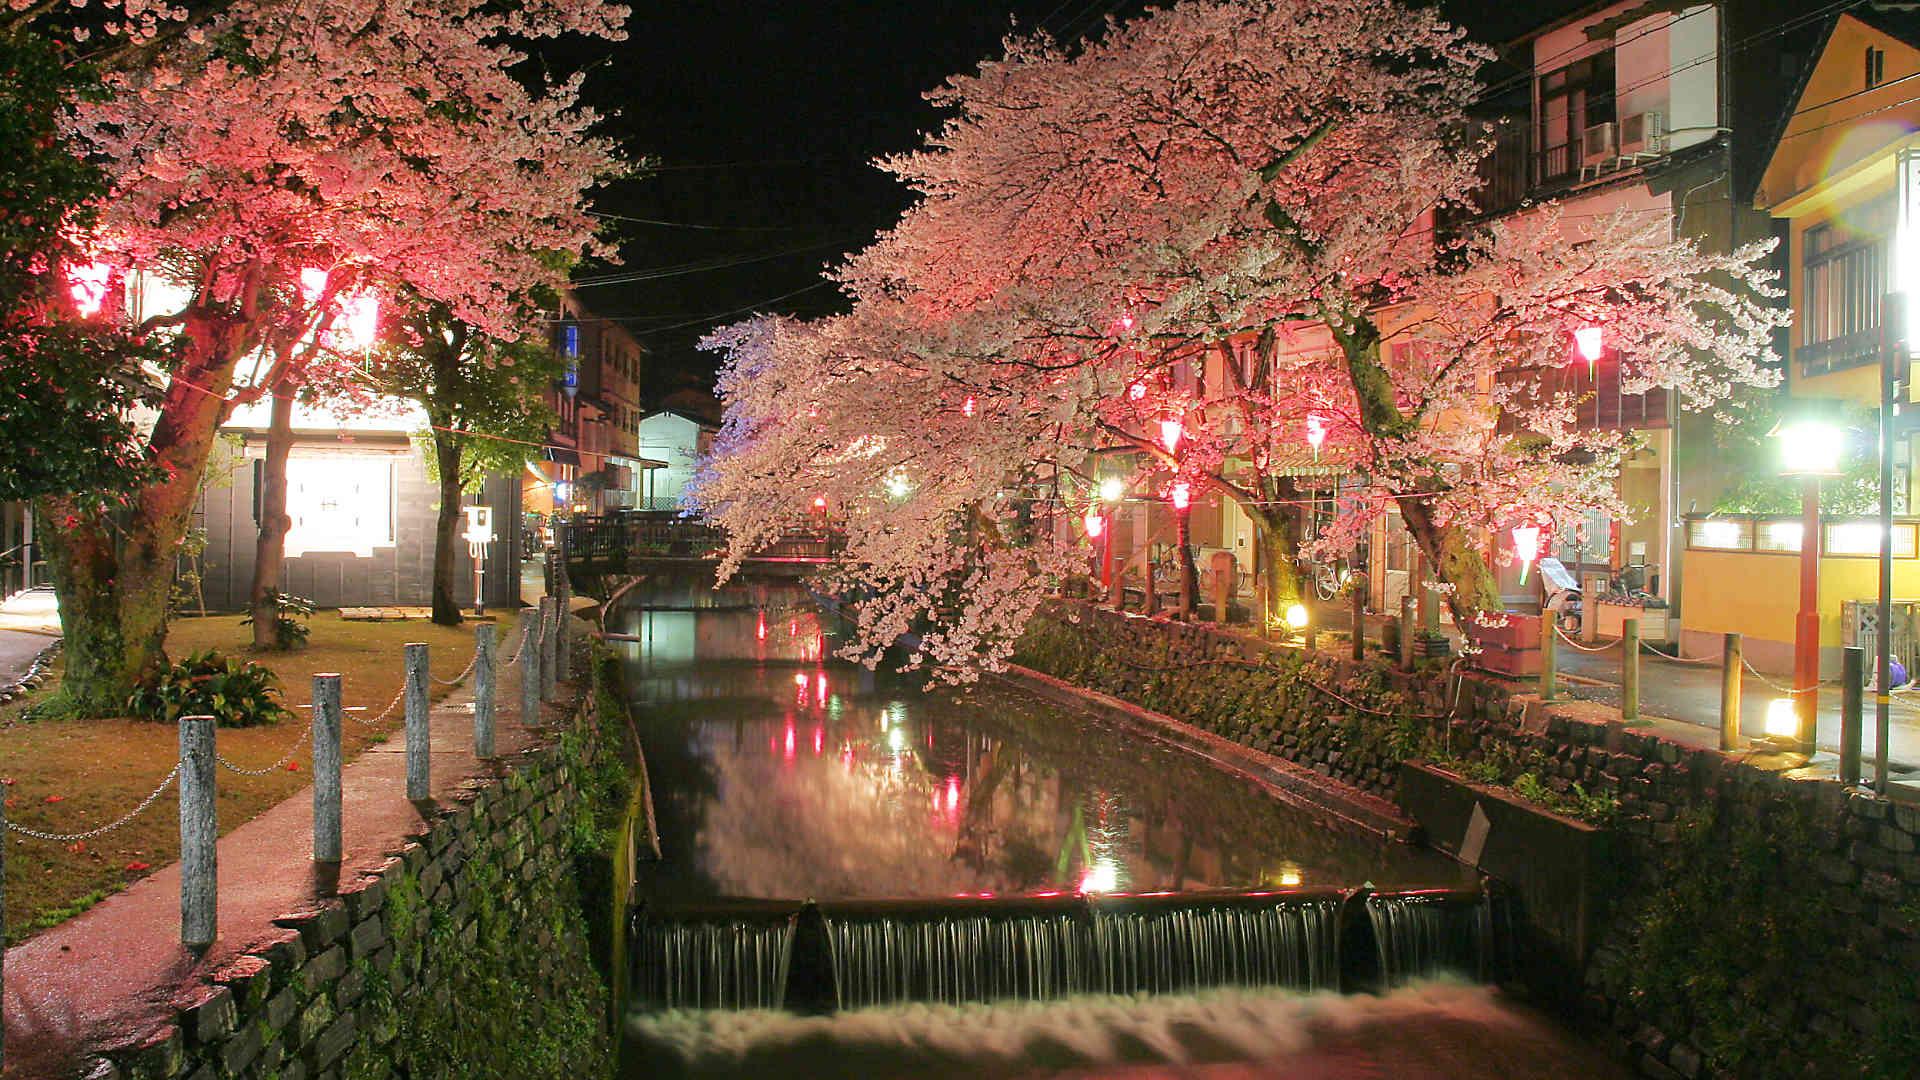 城崎温泉夜桜月間18 城崎温泉桜のライトアップ